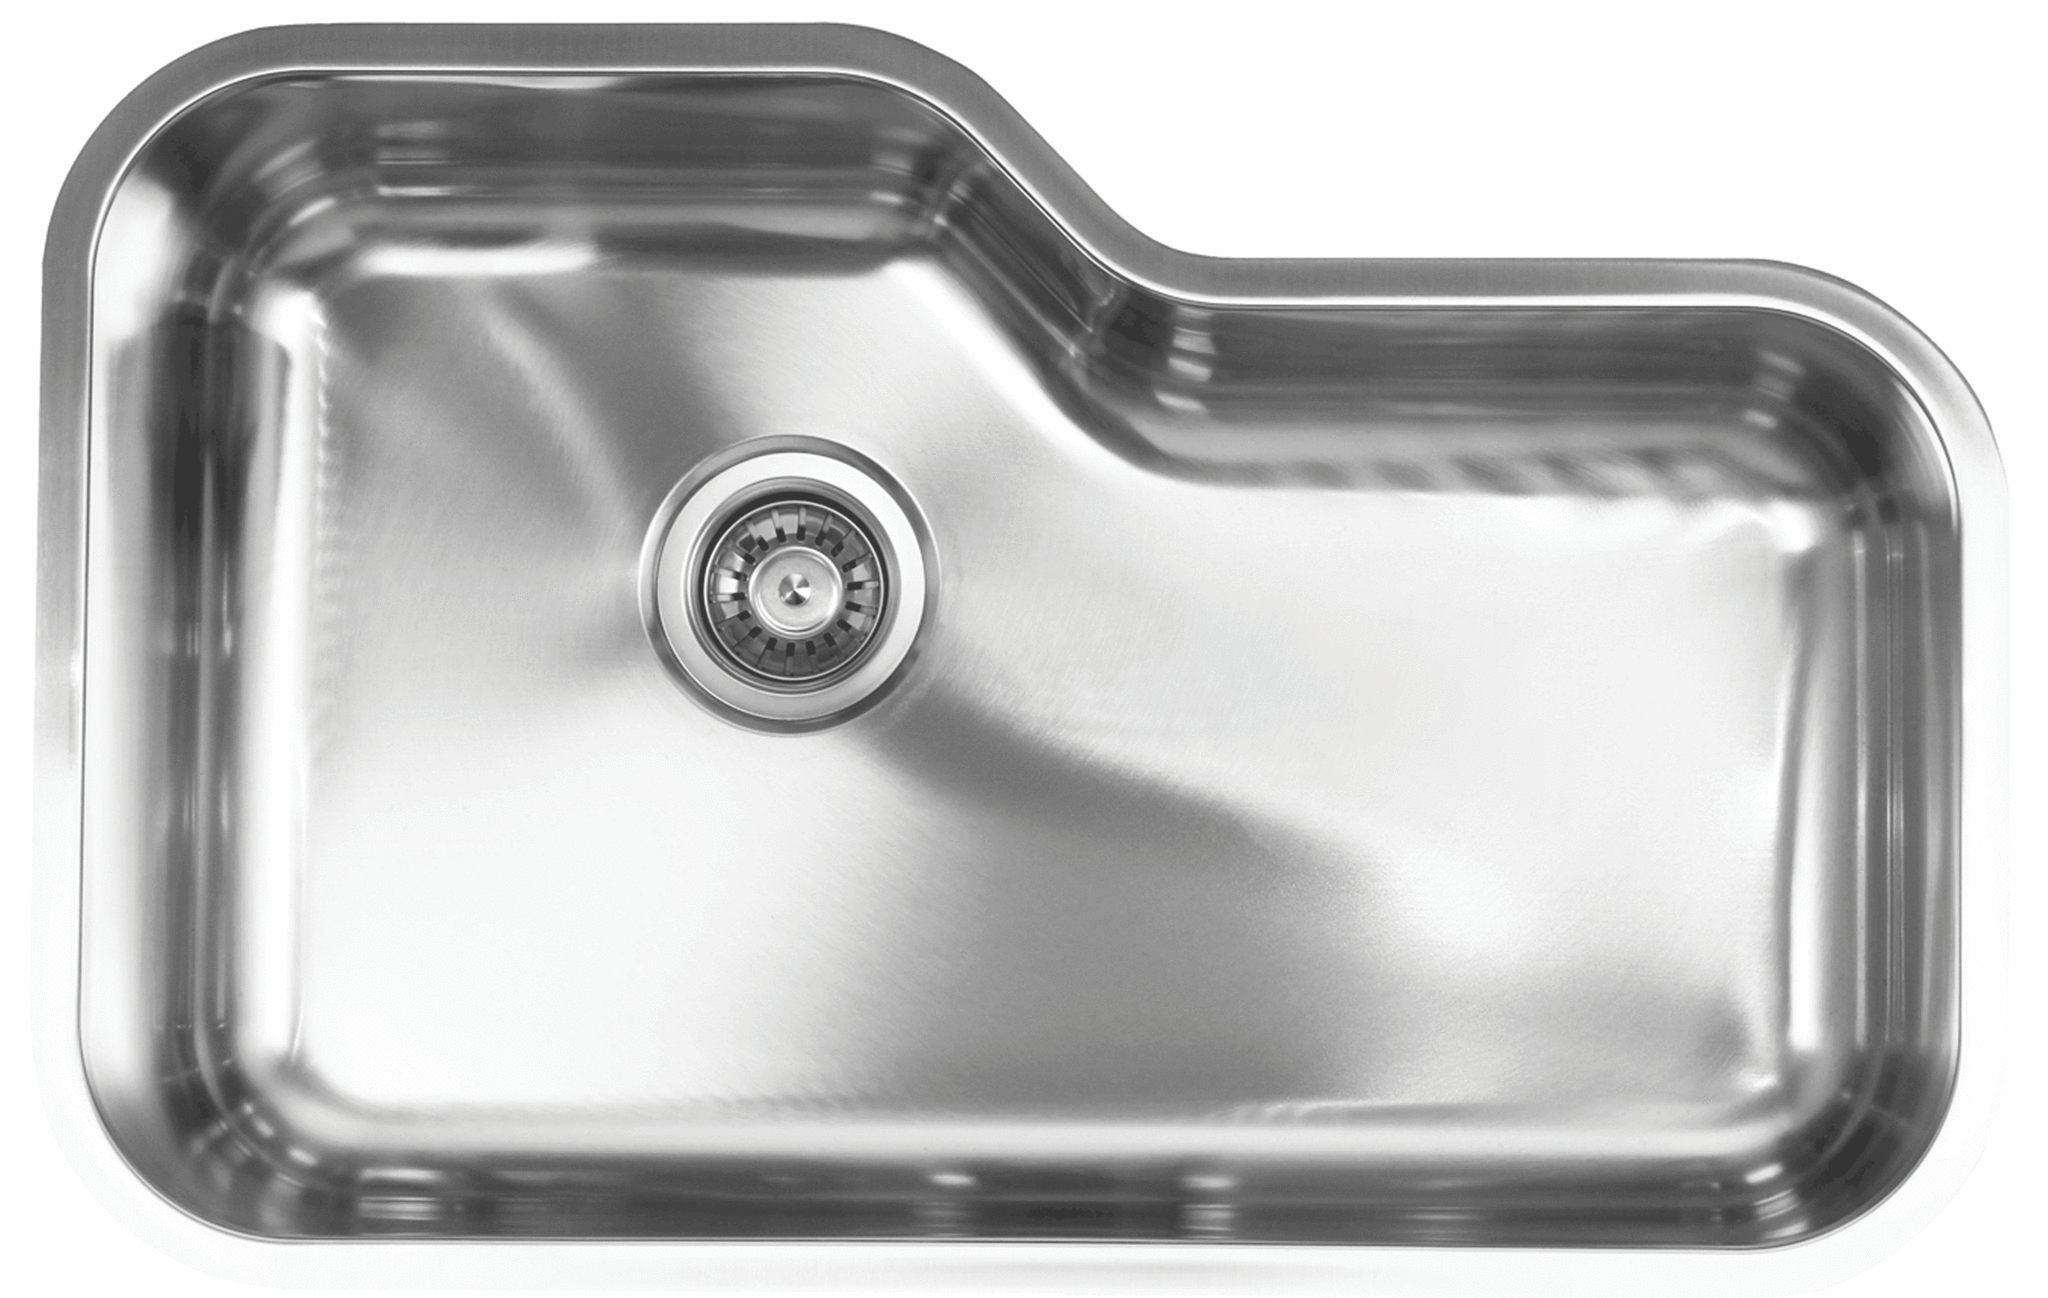 Waterloo Eurotech 16 Gauge Shape Single Bowl Sink Sink Steel